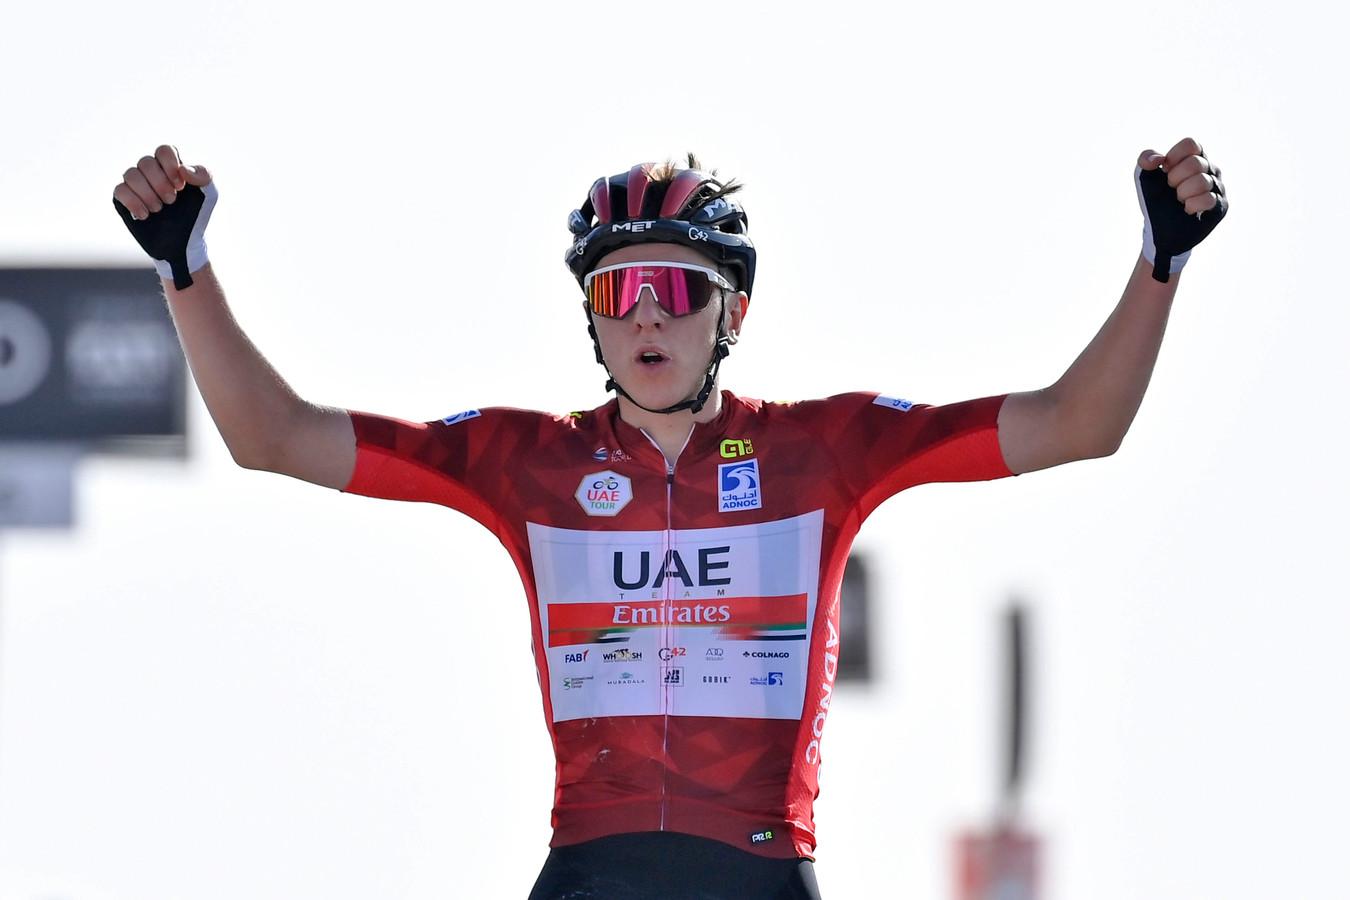 Tadej Pogacar won afgelopen week de Ronde van de Verenigde Arabische Emiraten.